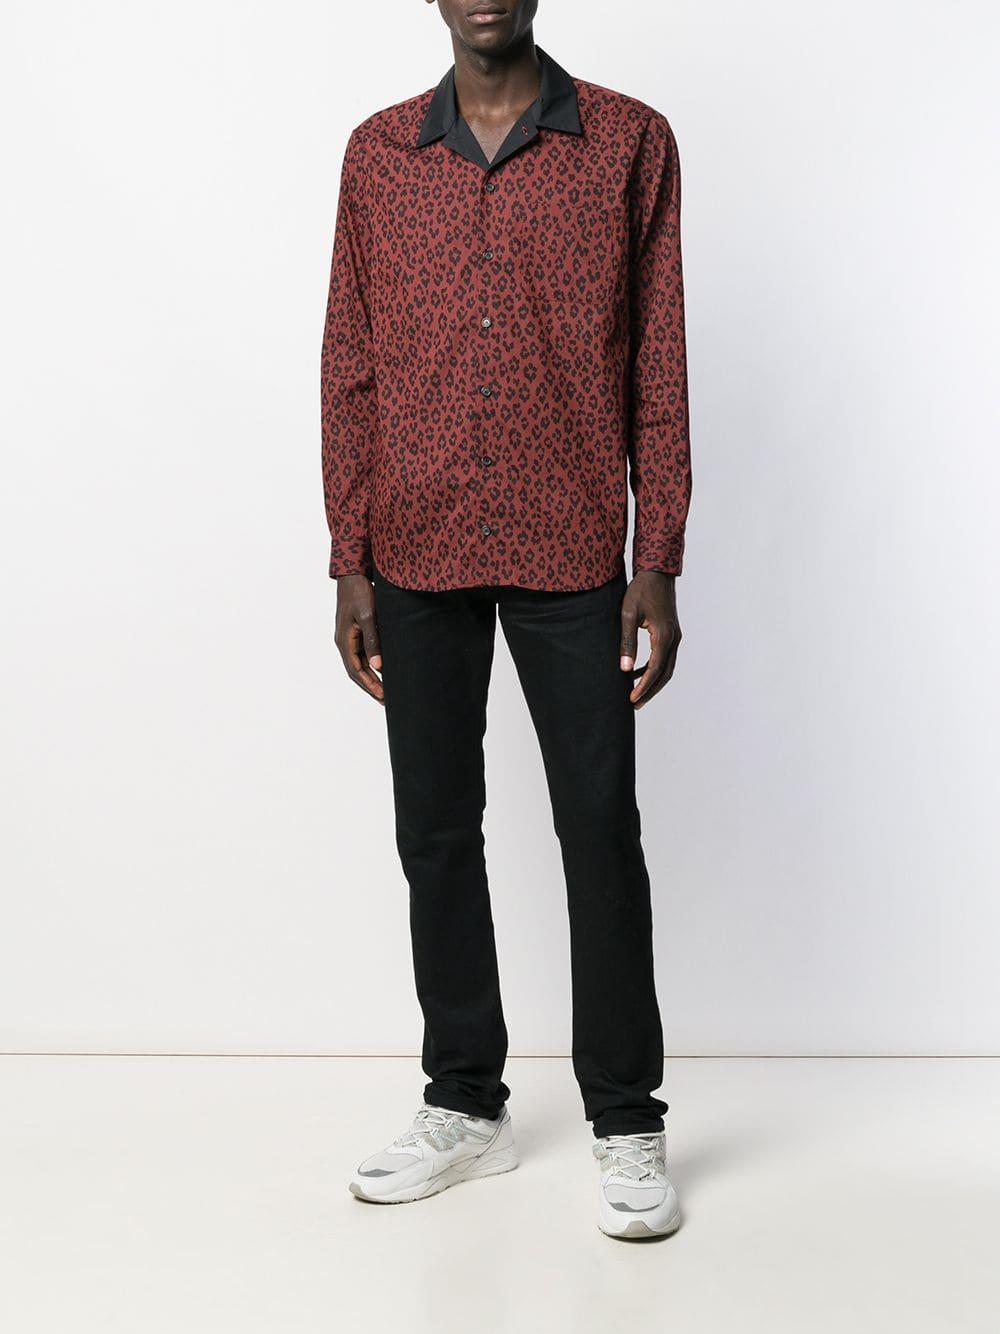 A.P.C. Zijde Overhemd Met Luipaardprint in het Bruin voor heren